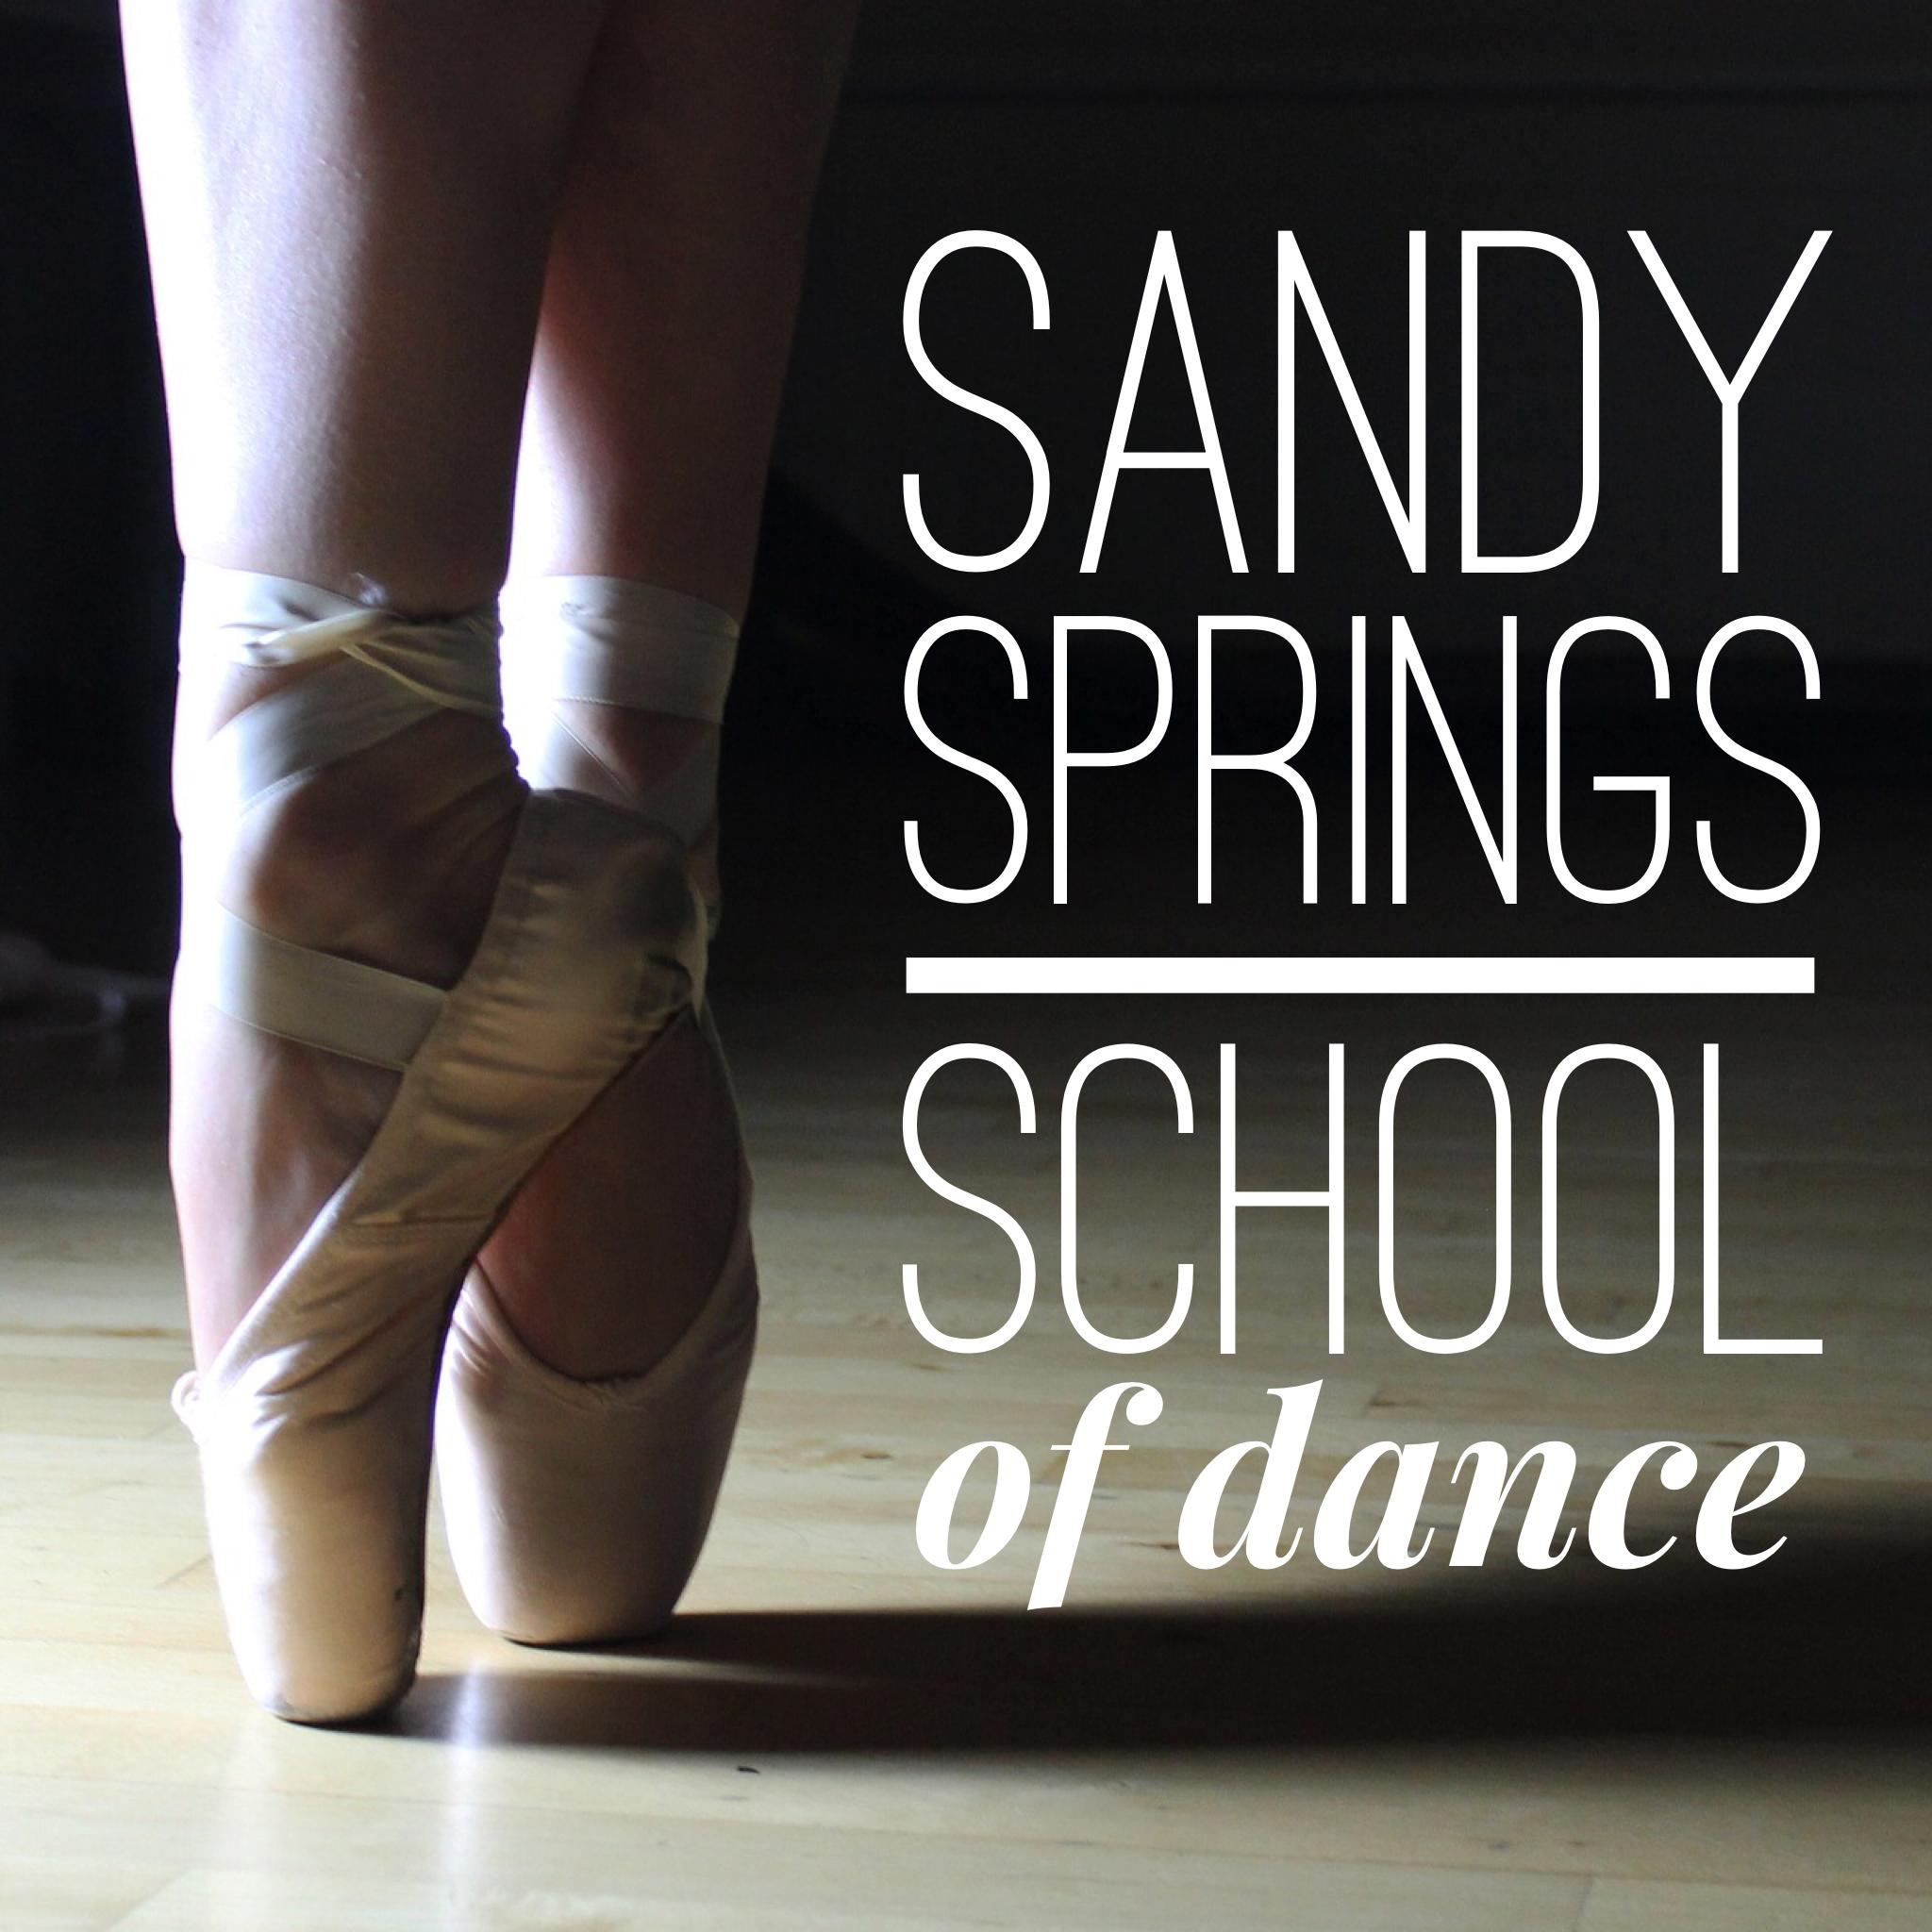 Sandy Springs School of Dance - 6150 Sandy Springs CircleSandy Springs, Ga 30328